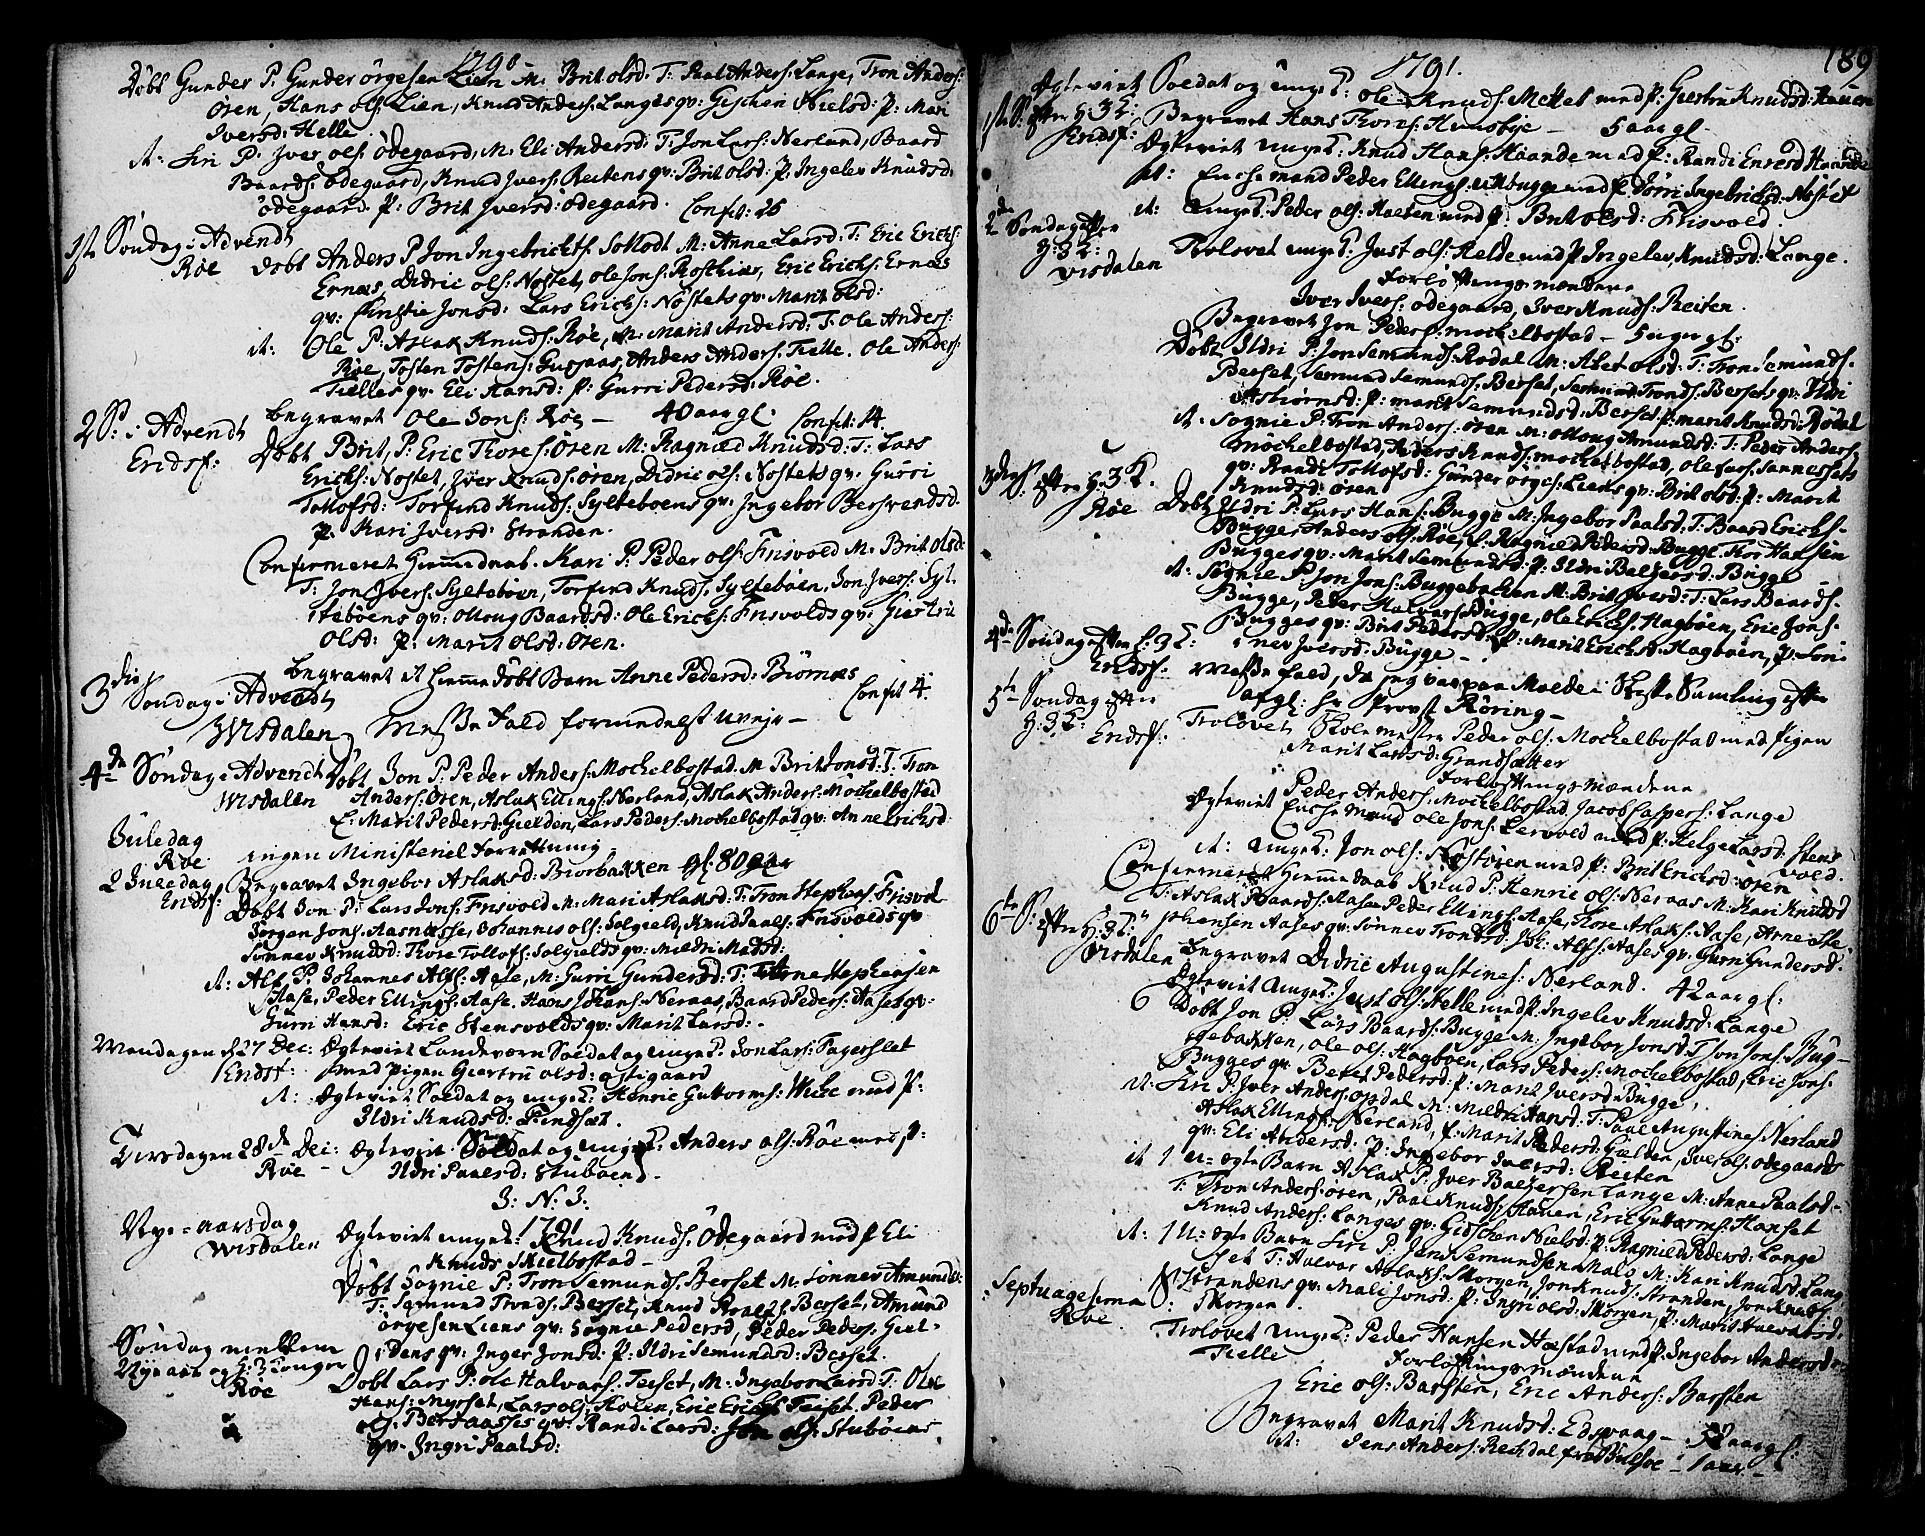 SAT, Ministerialprotokoller, klokkerbøker og fødselsregistre - Møre og Romsdal, 551/L0621: Ministerialbok nr. 551A01, 1757-1803, s. 189